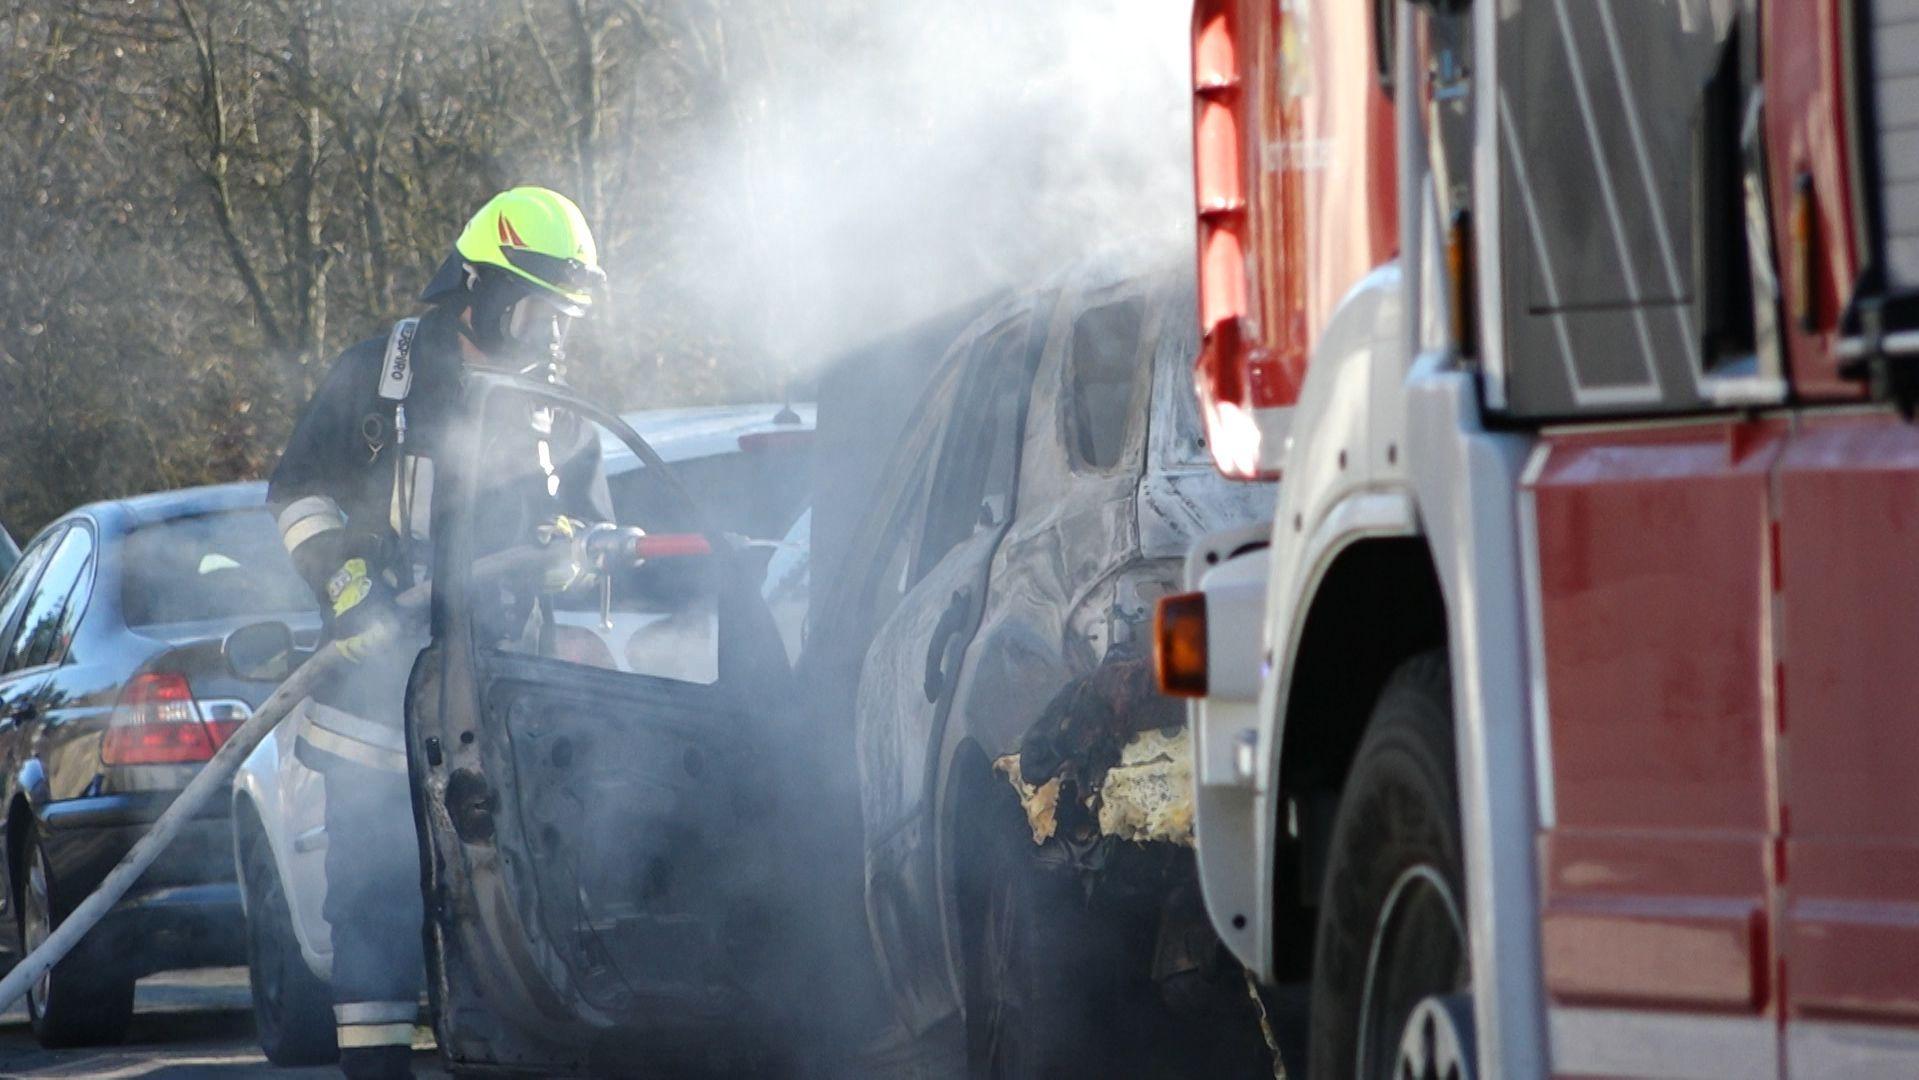 Ein Feuerwehrmann löscht ein qualmendes Auto, das gebrannt hat.